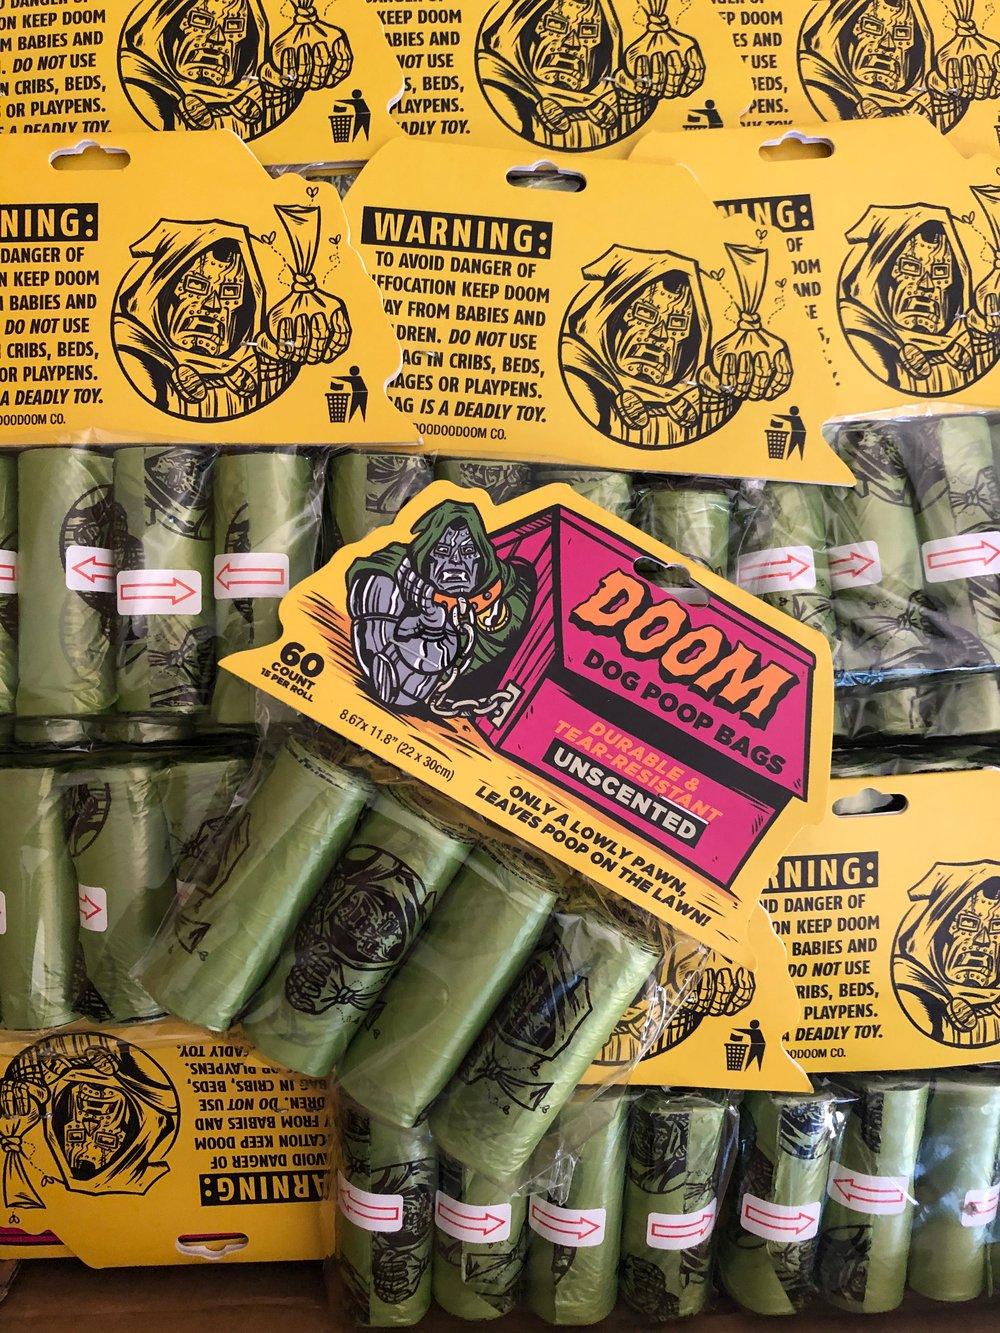 RR #127 DOOM Brand Poop Bags art by Phil Guy